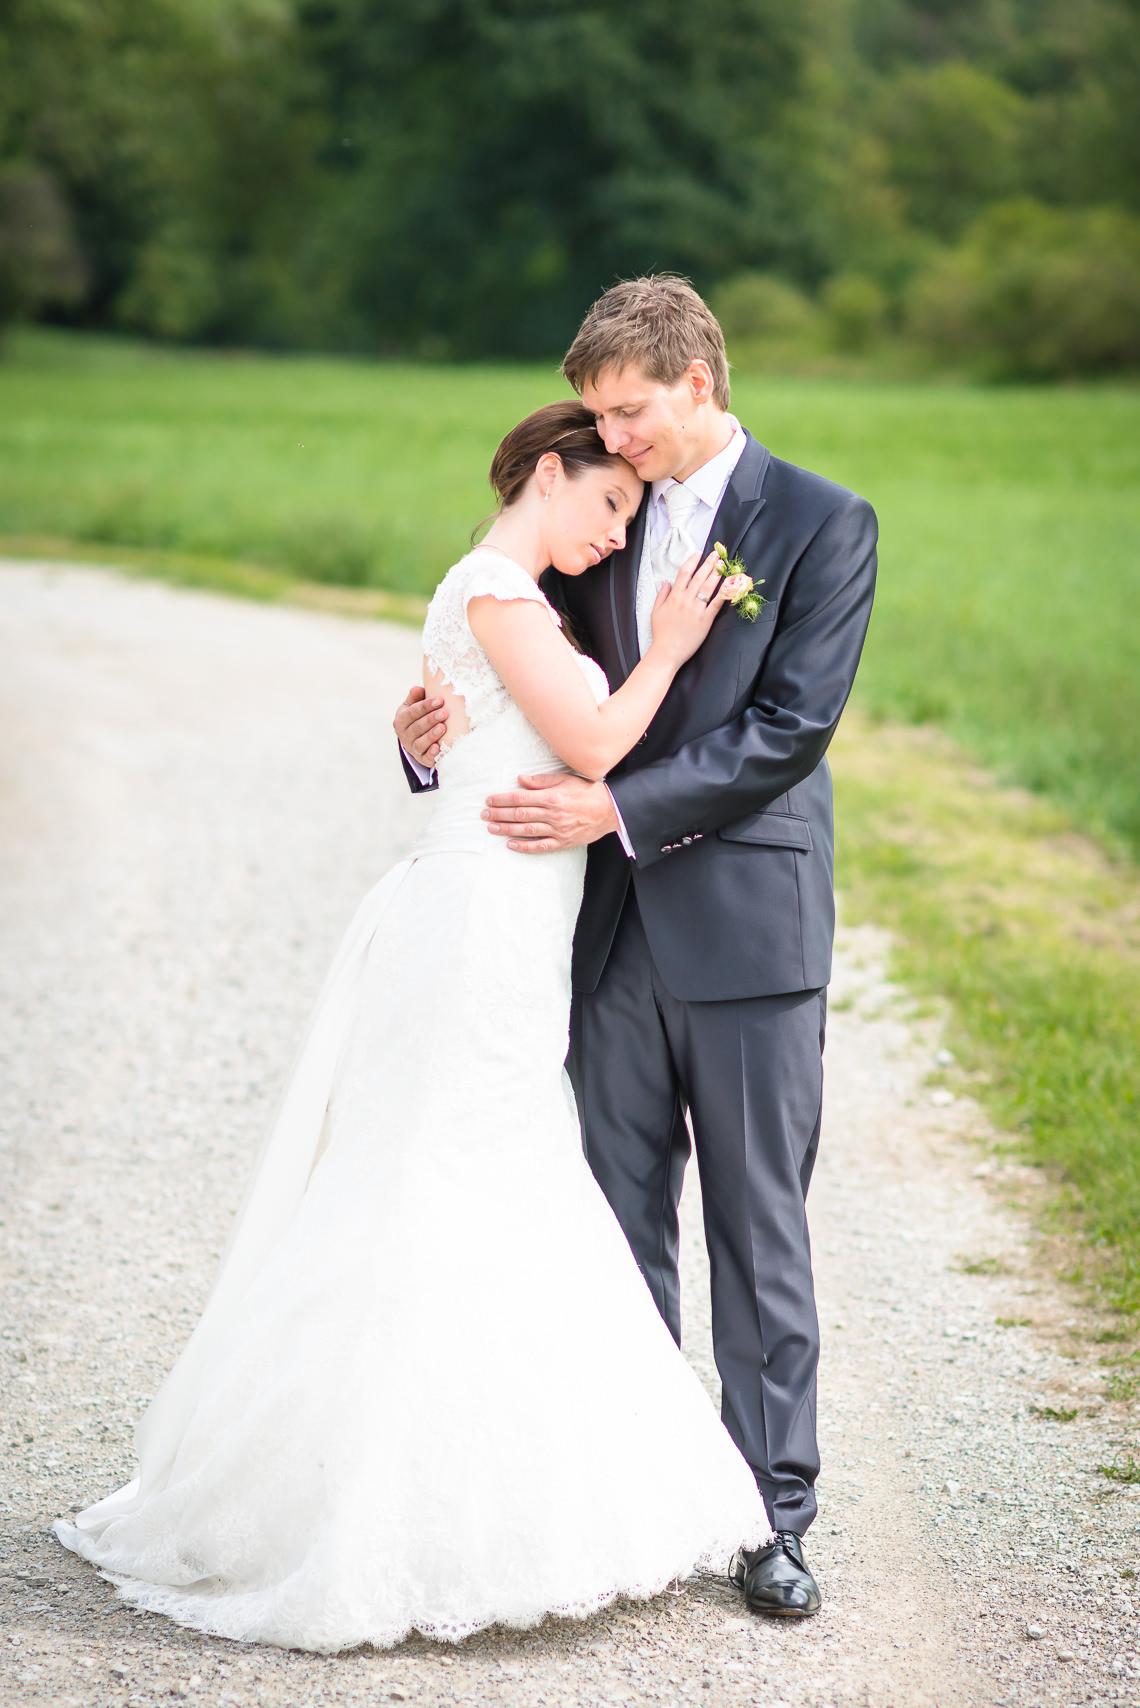 0032_20150904_CKE_2820_Hochzeit_Janine_Michael_